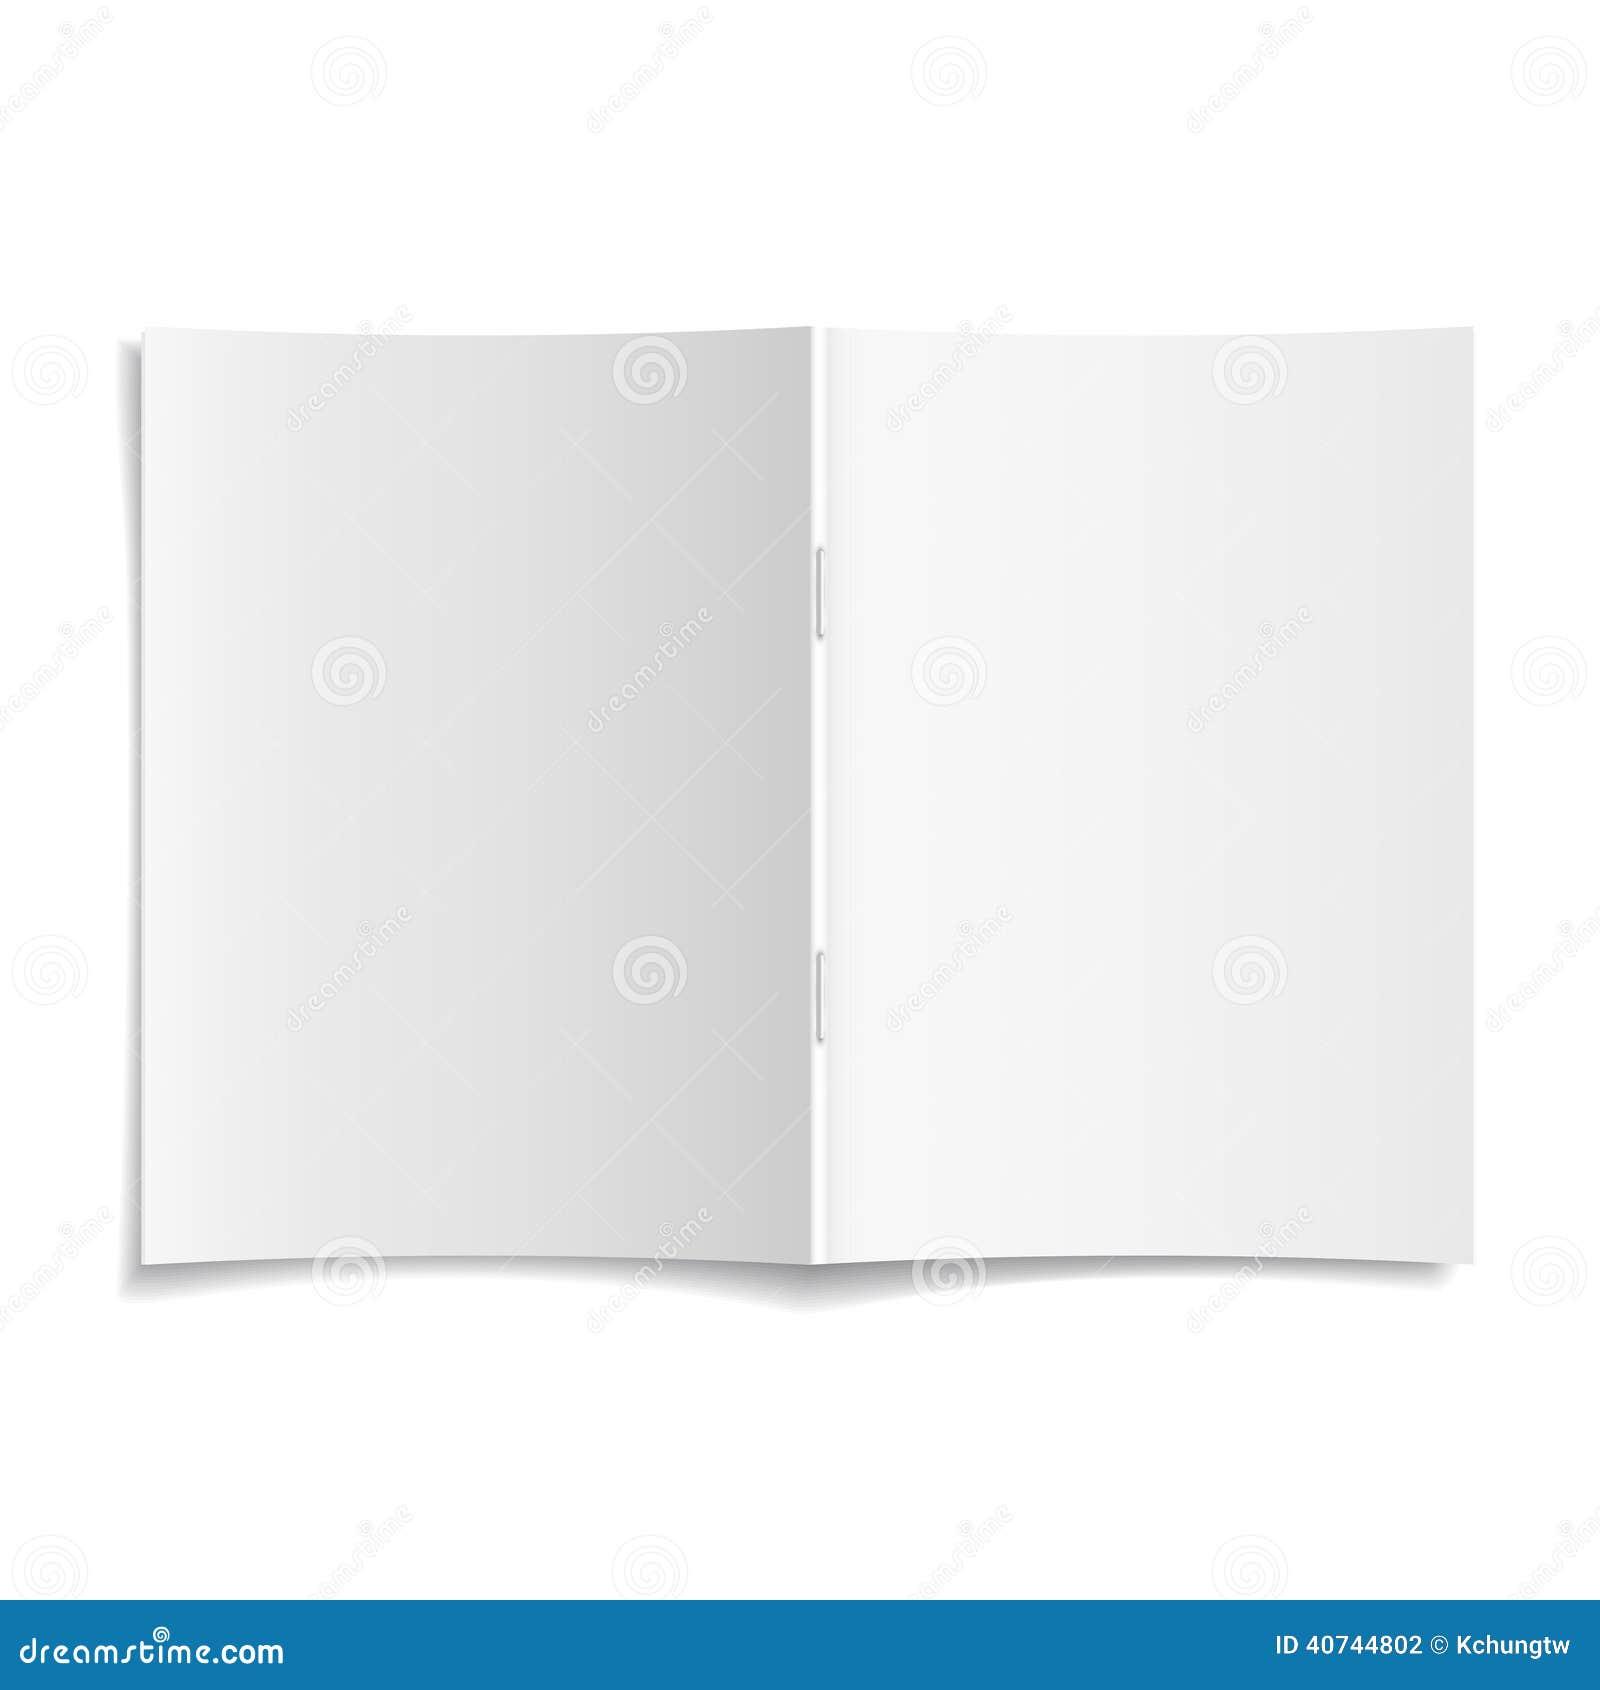 τρισδιάστατο διανυσματικό ανοιγμένο κενό πρότυπο κάλυψης περιοδικών